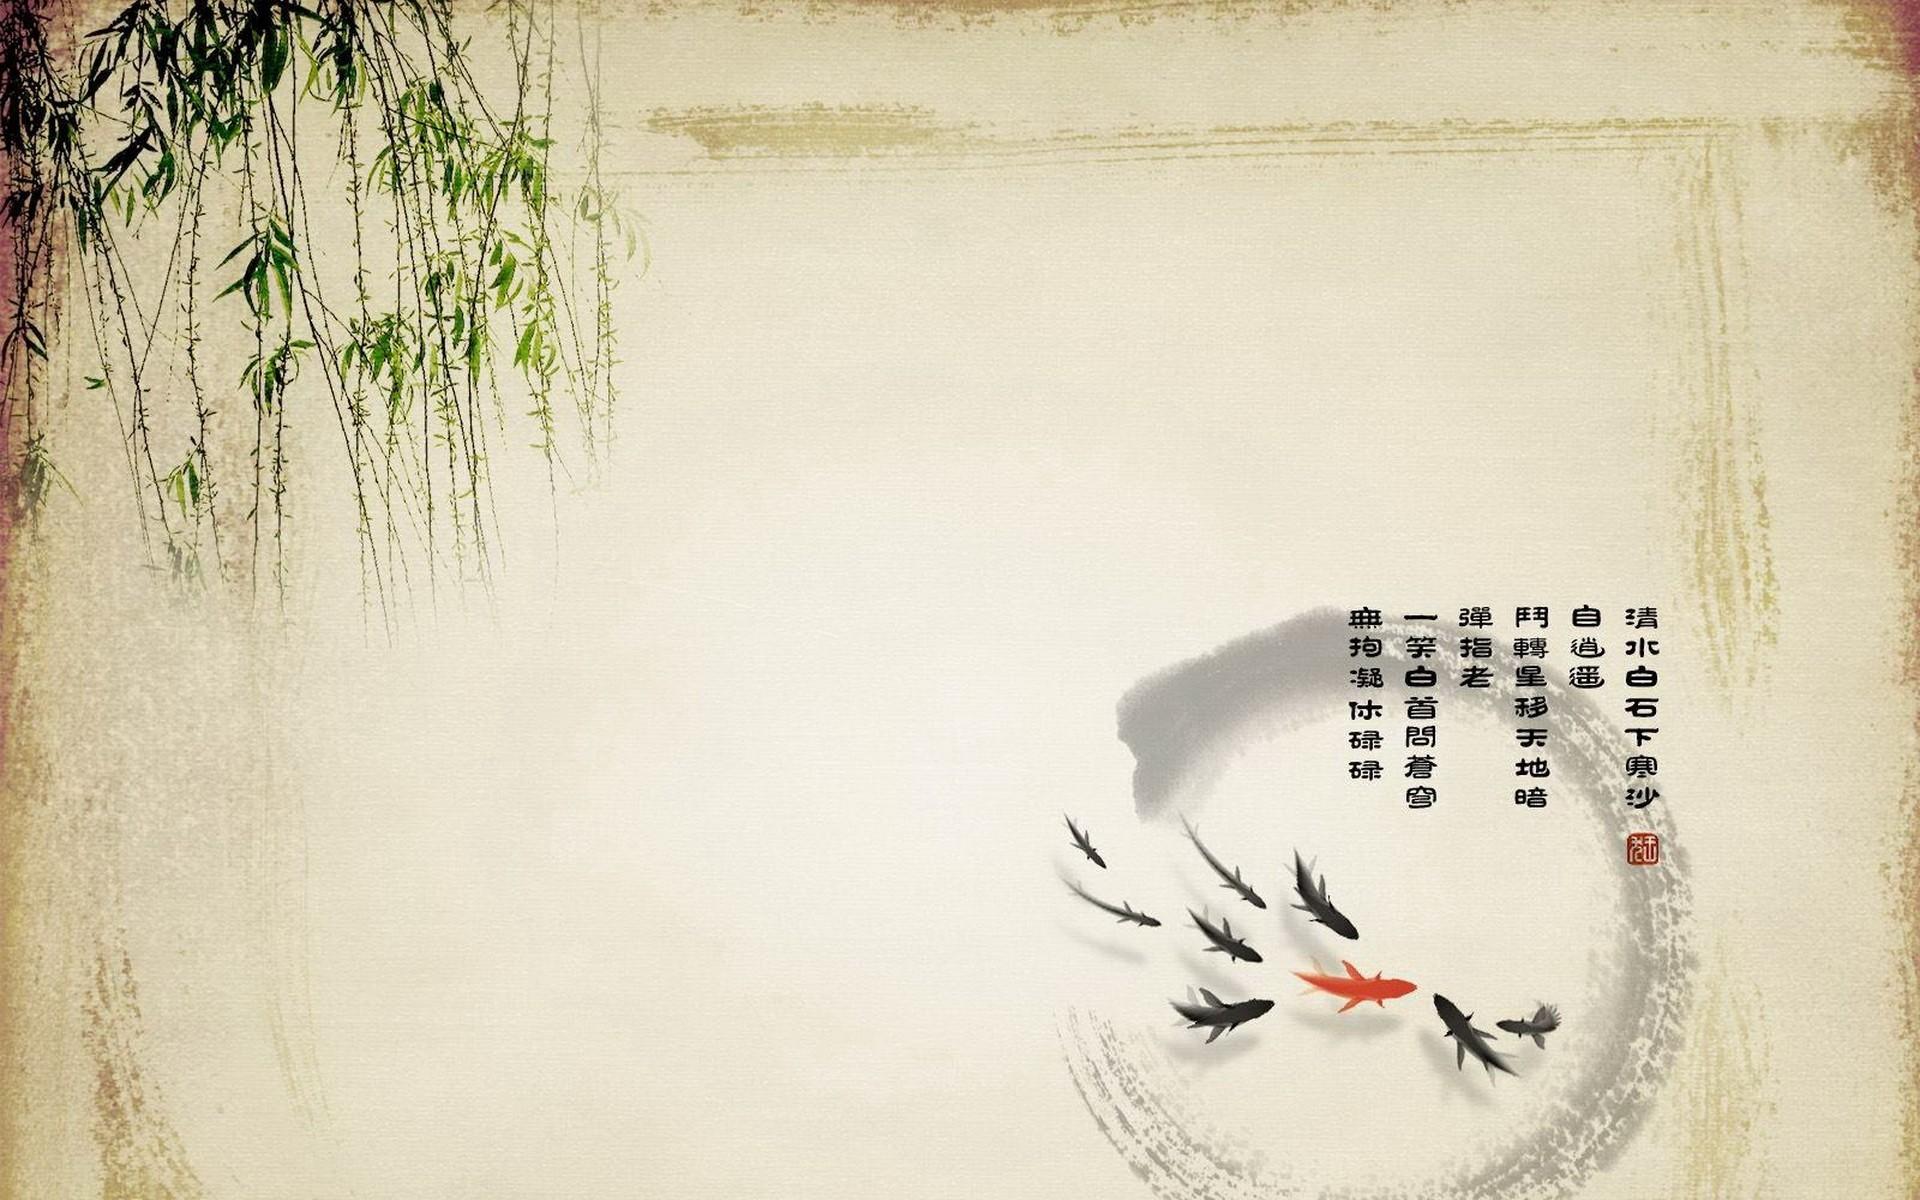 Wallpaper Gambar Lukisan Ilustrasi Dinding Karya Seni Ikan